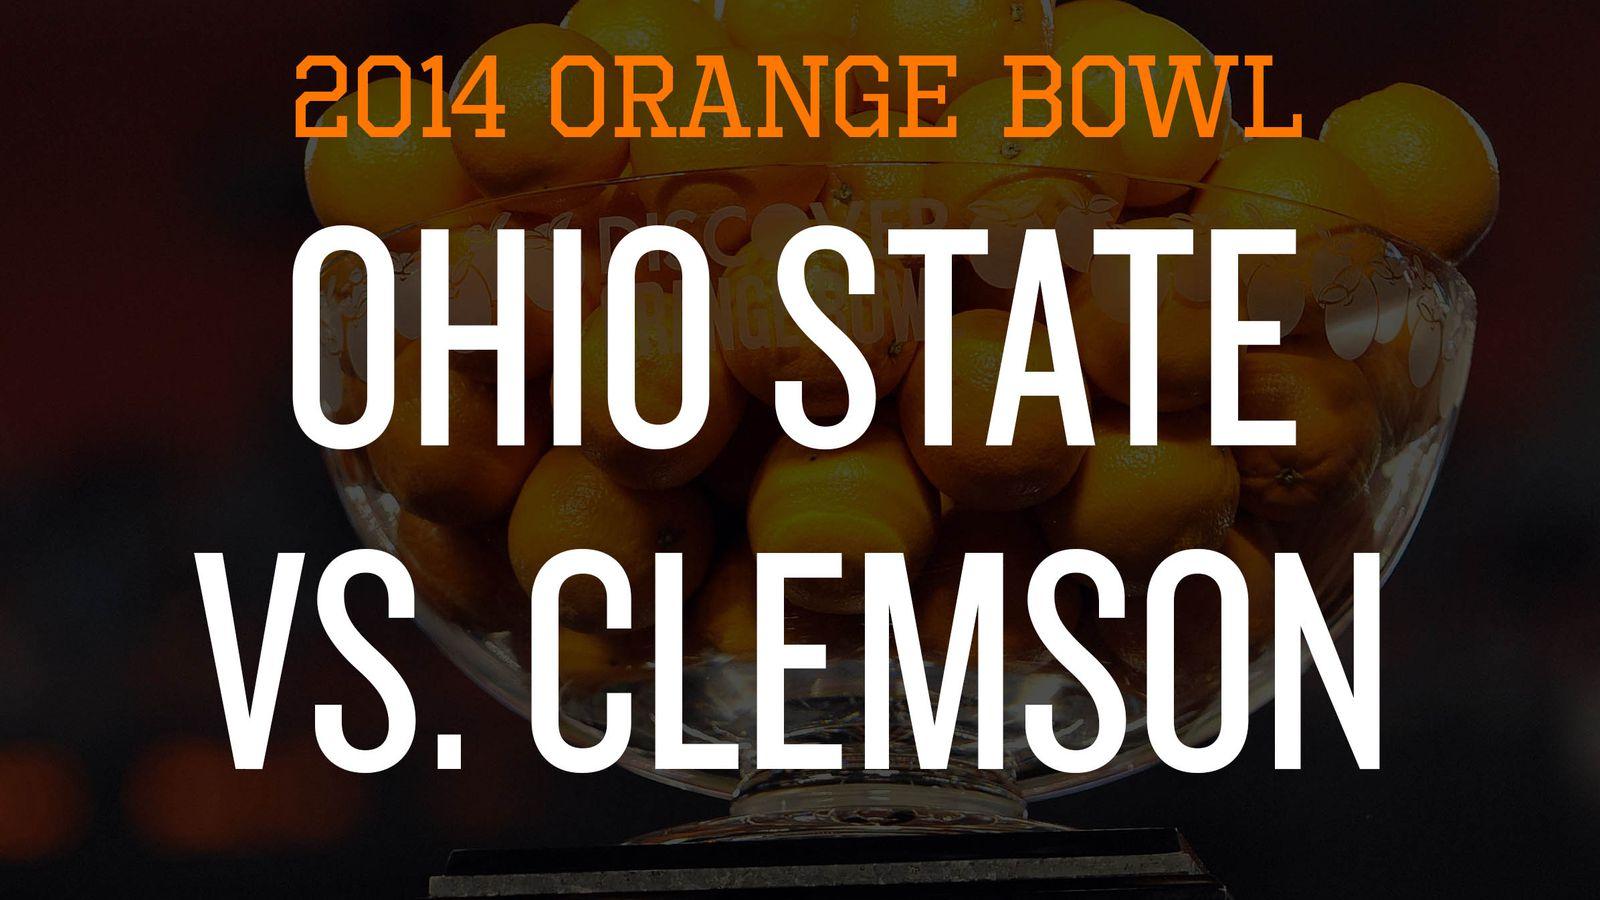 Orange Bowl 2014 2014 Orange Bow...